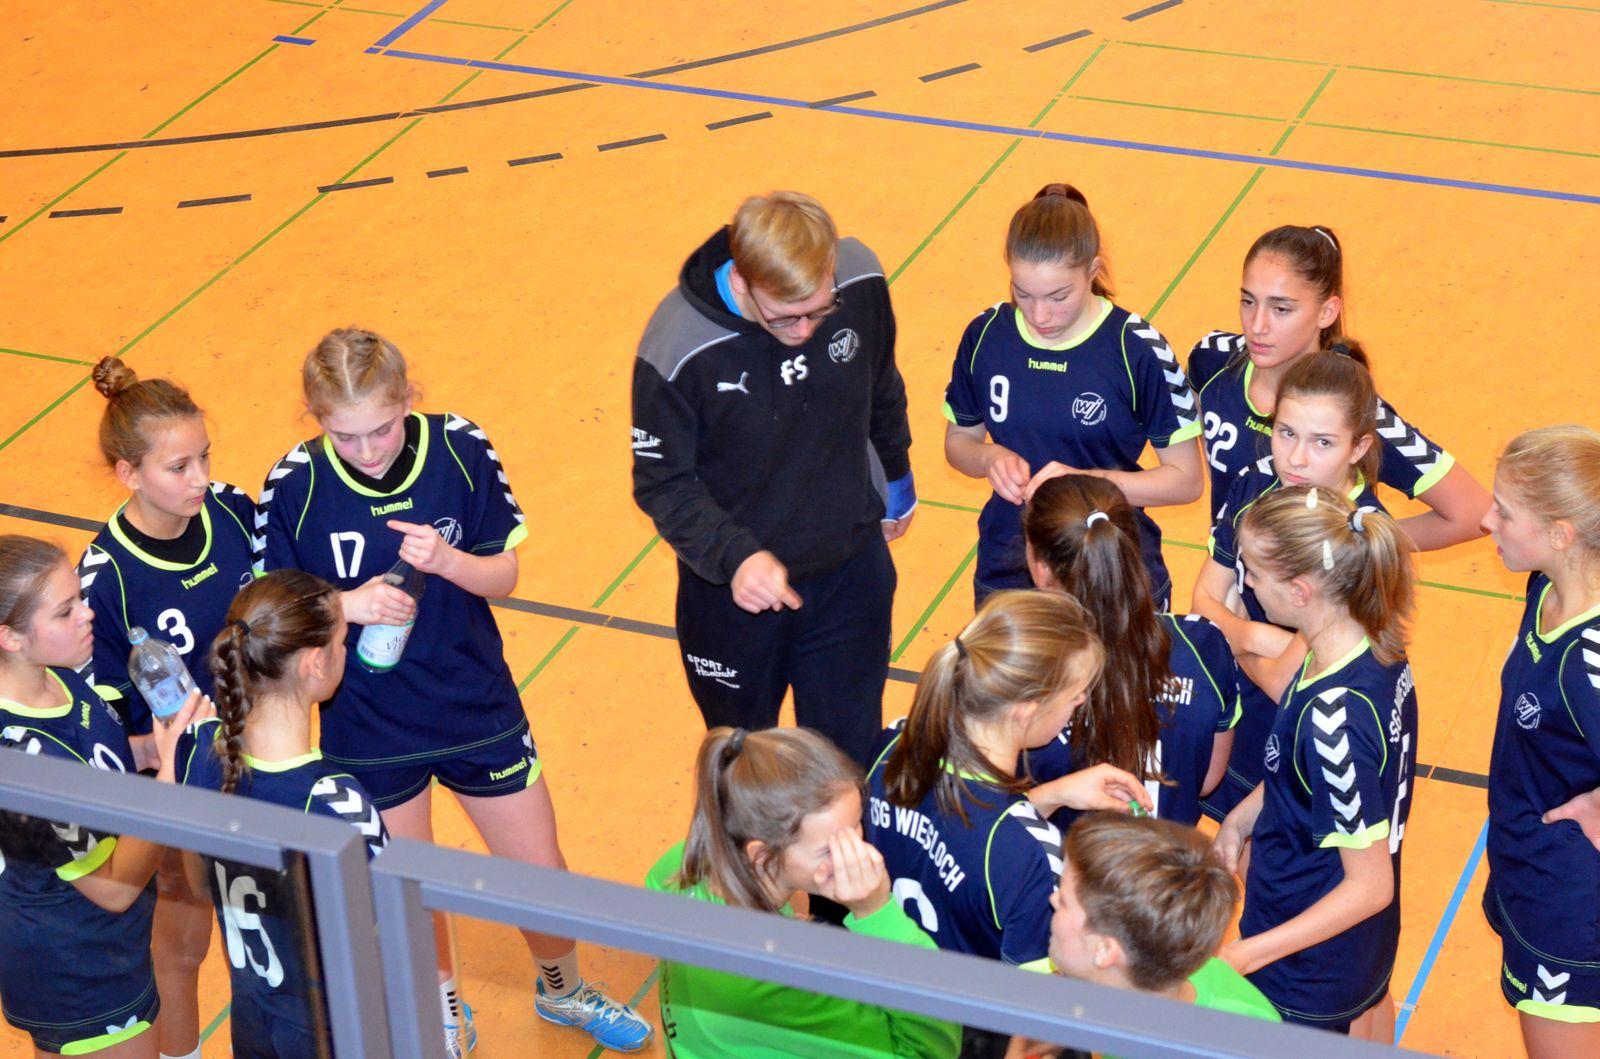 20151115_wJC1 - TSV Birkenau_DSC_0498_1